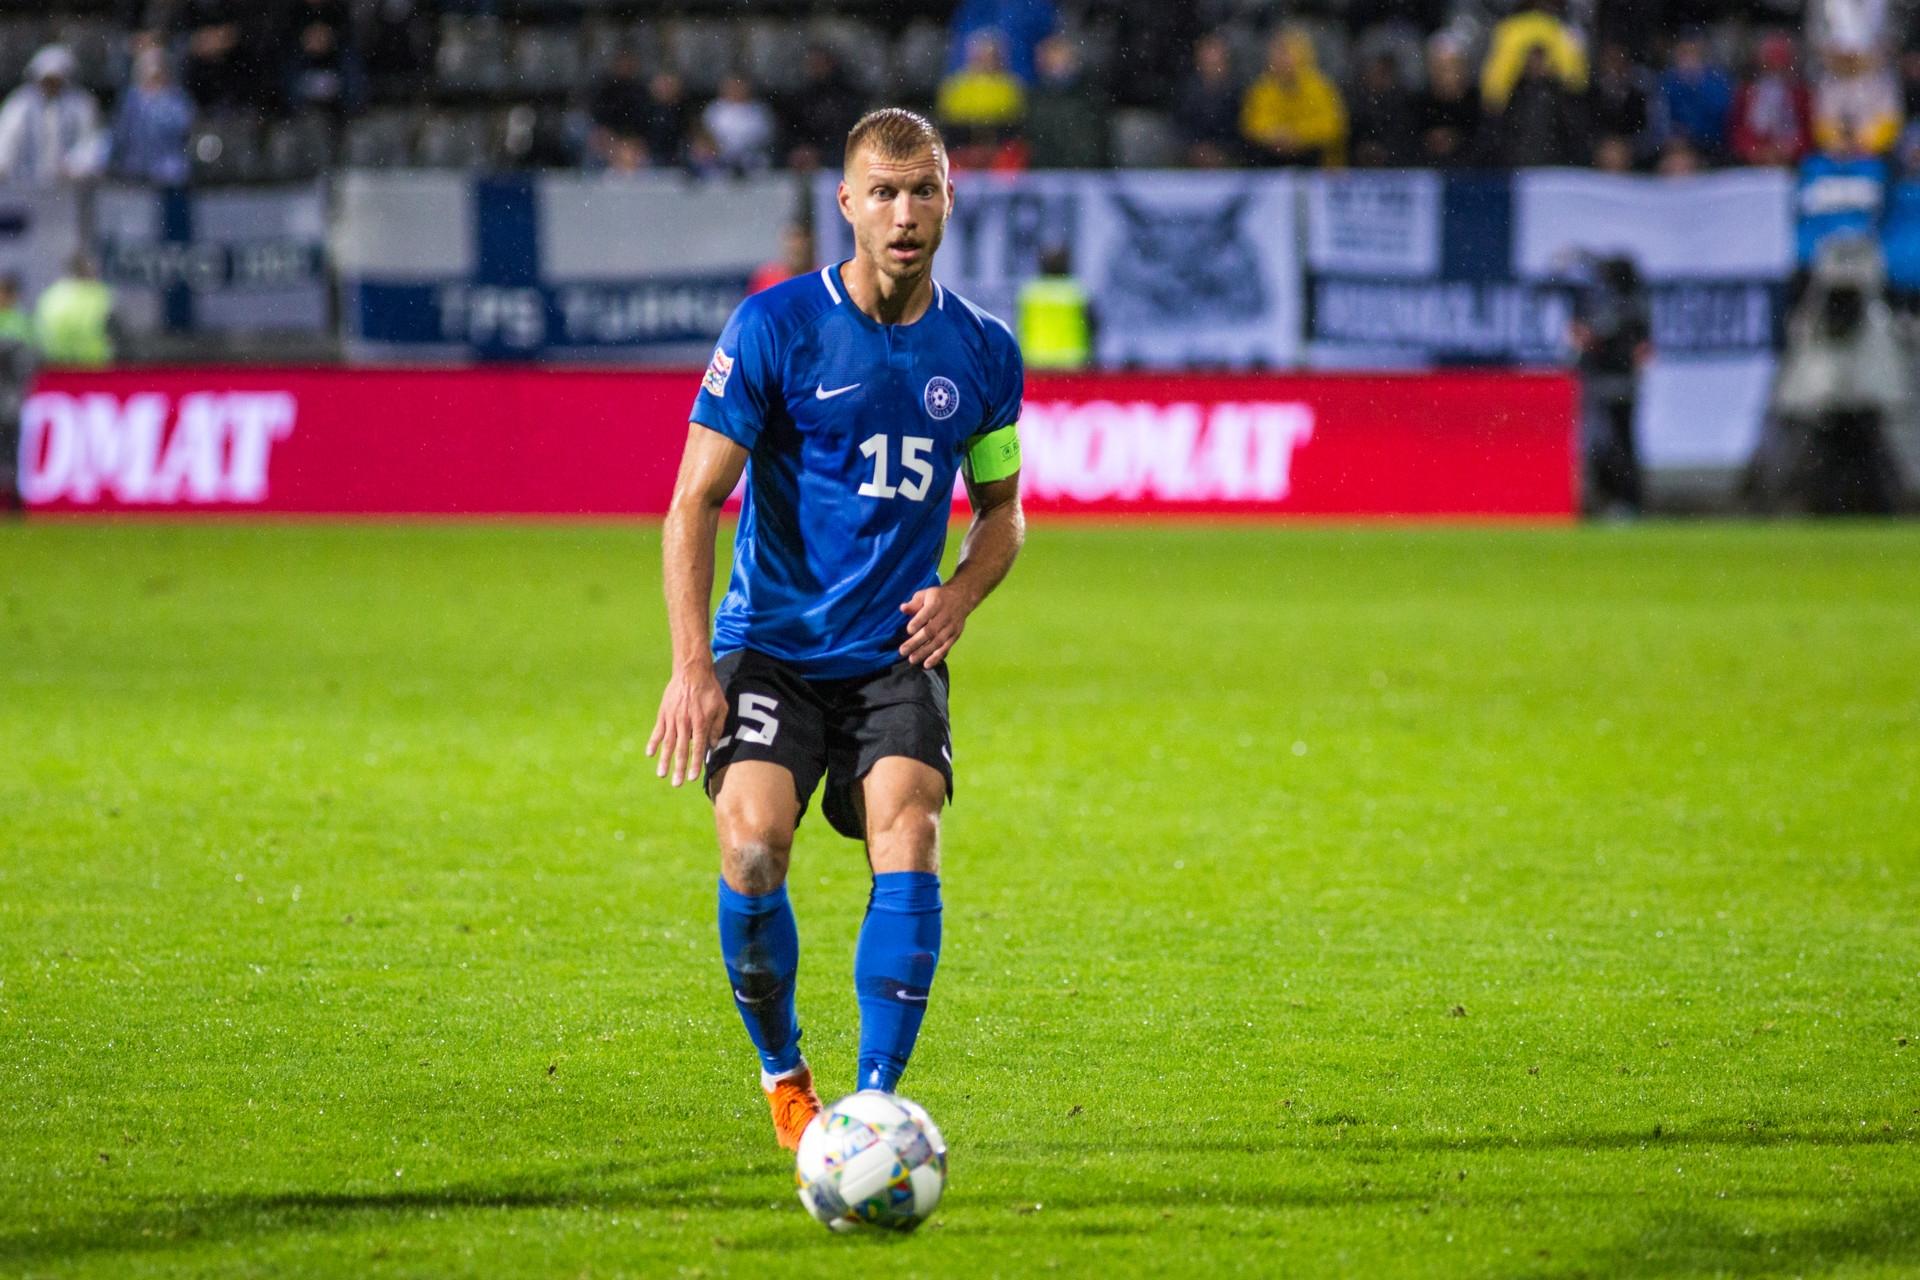 cd6dcba45c0 Eesti aasta parimaks meesjalgpalluriks valiti Ragnar Klavan. Klavani jaoks  on tegu kuuenda tiitliga viimase seitsme aasta jooksul (2012, 2014-2018).